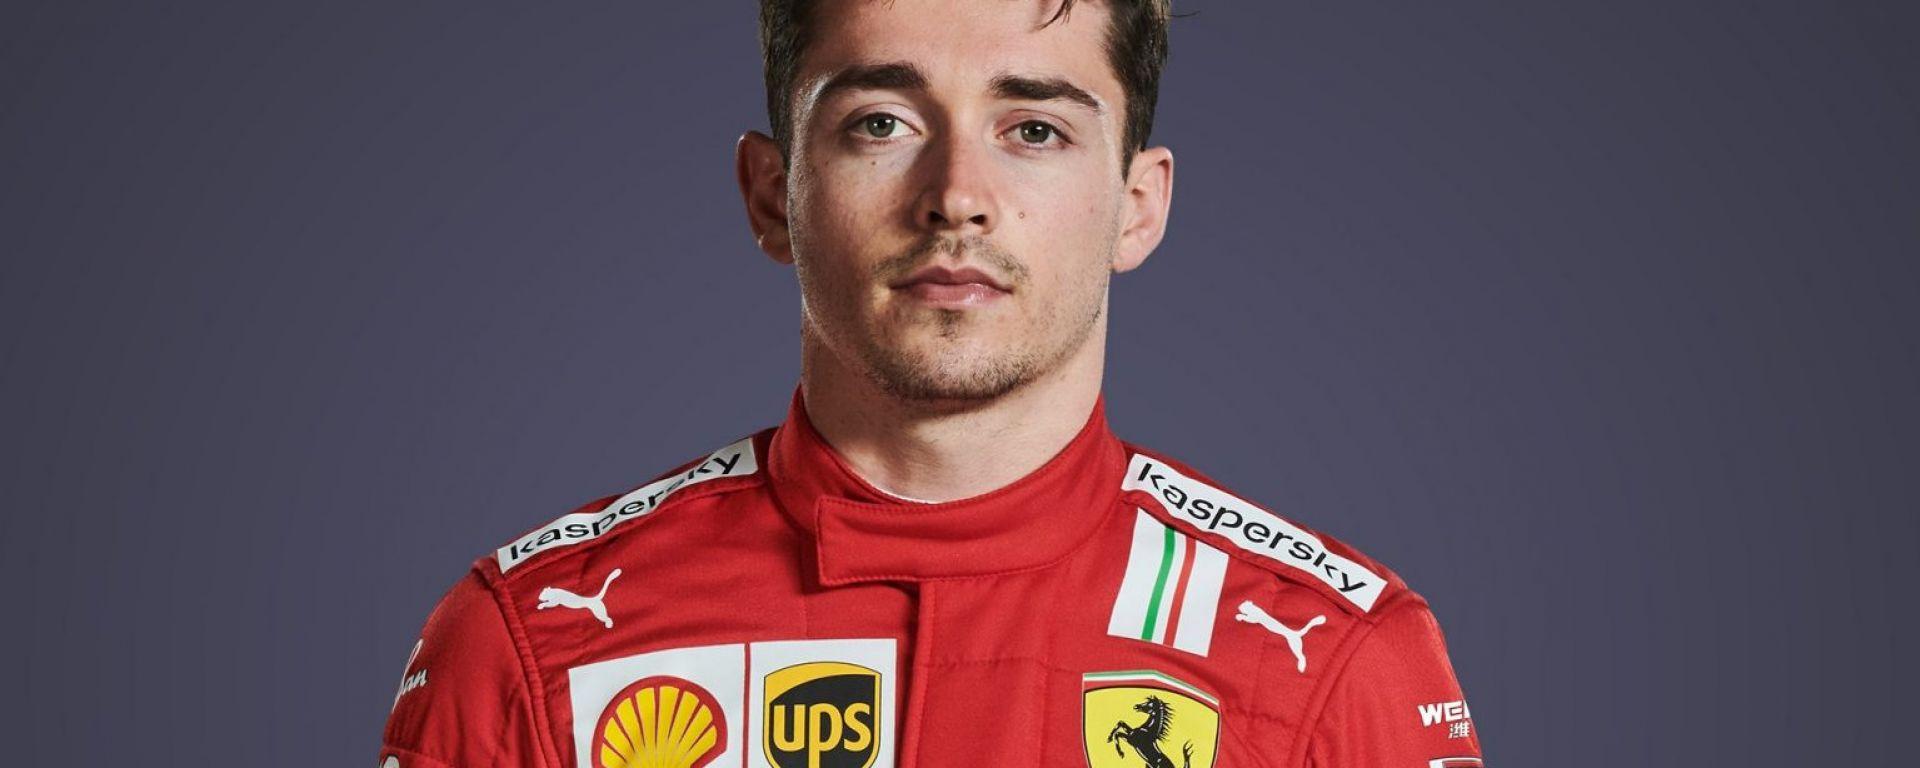 F1 2021: Charles Leclerc (Scuderia Ferrari)